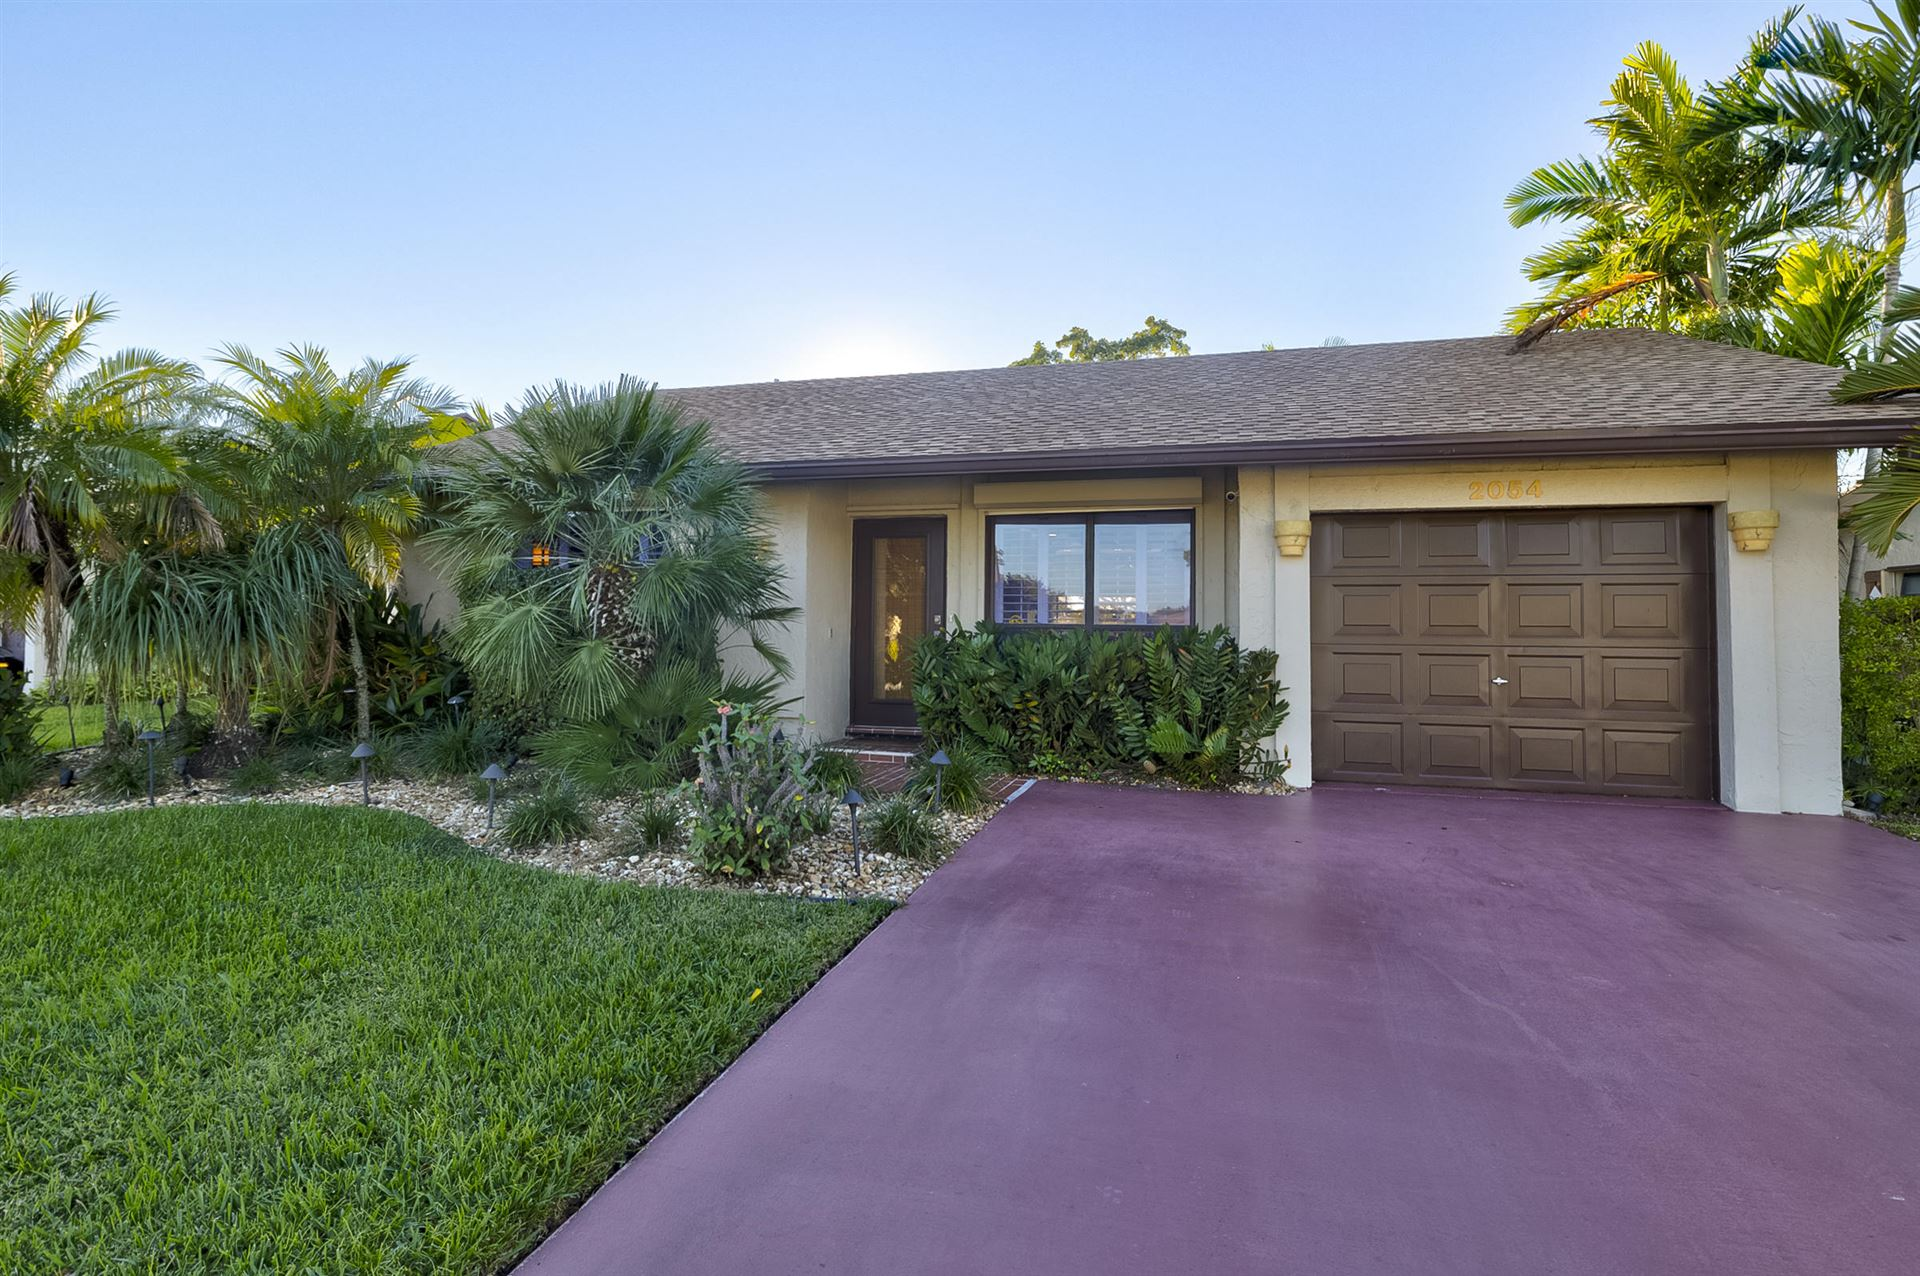 2054 SW 16th Circle, Deerfield Beach, FL 33442 - #: RX-10676234